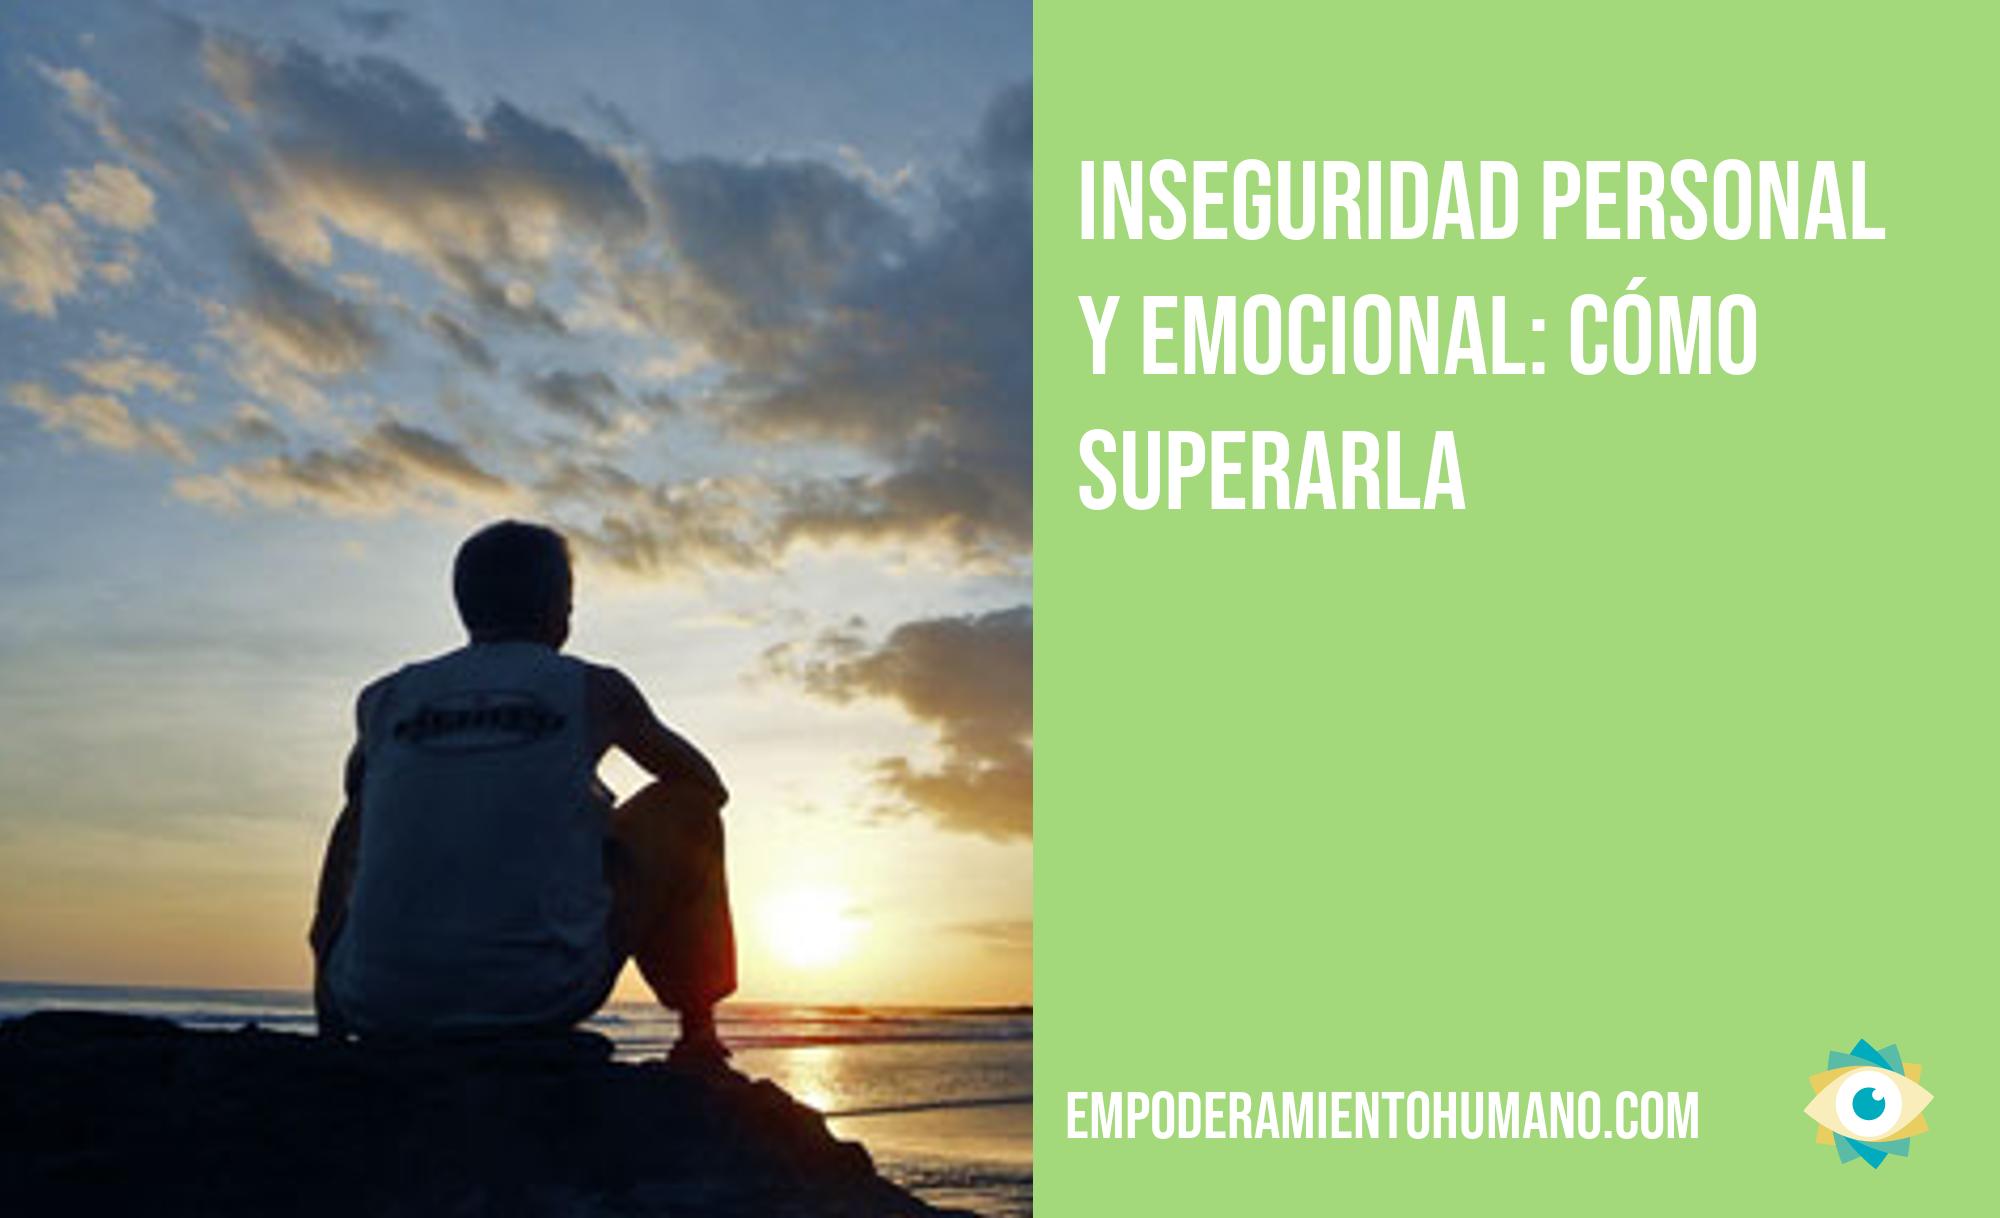 Inseguridad personal y emocional: cómo superarla